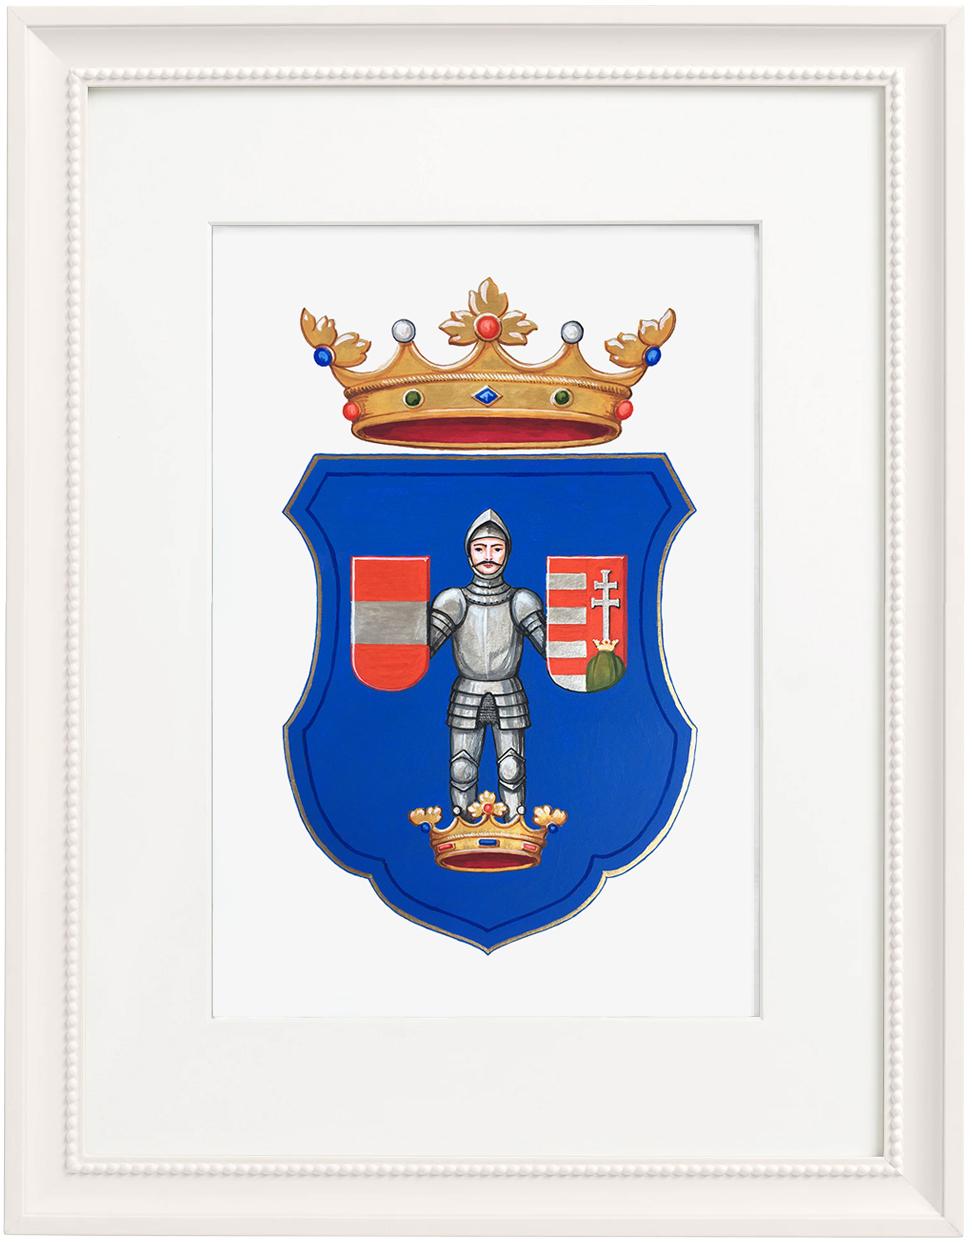 szajoli Hegedüs család egyedi címerváltozata; festette: Máthé Erika